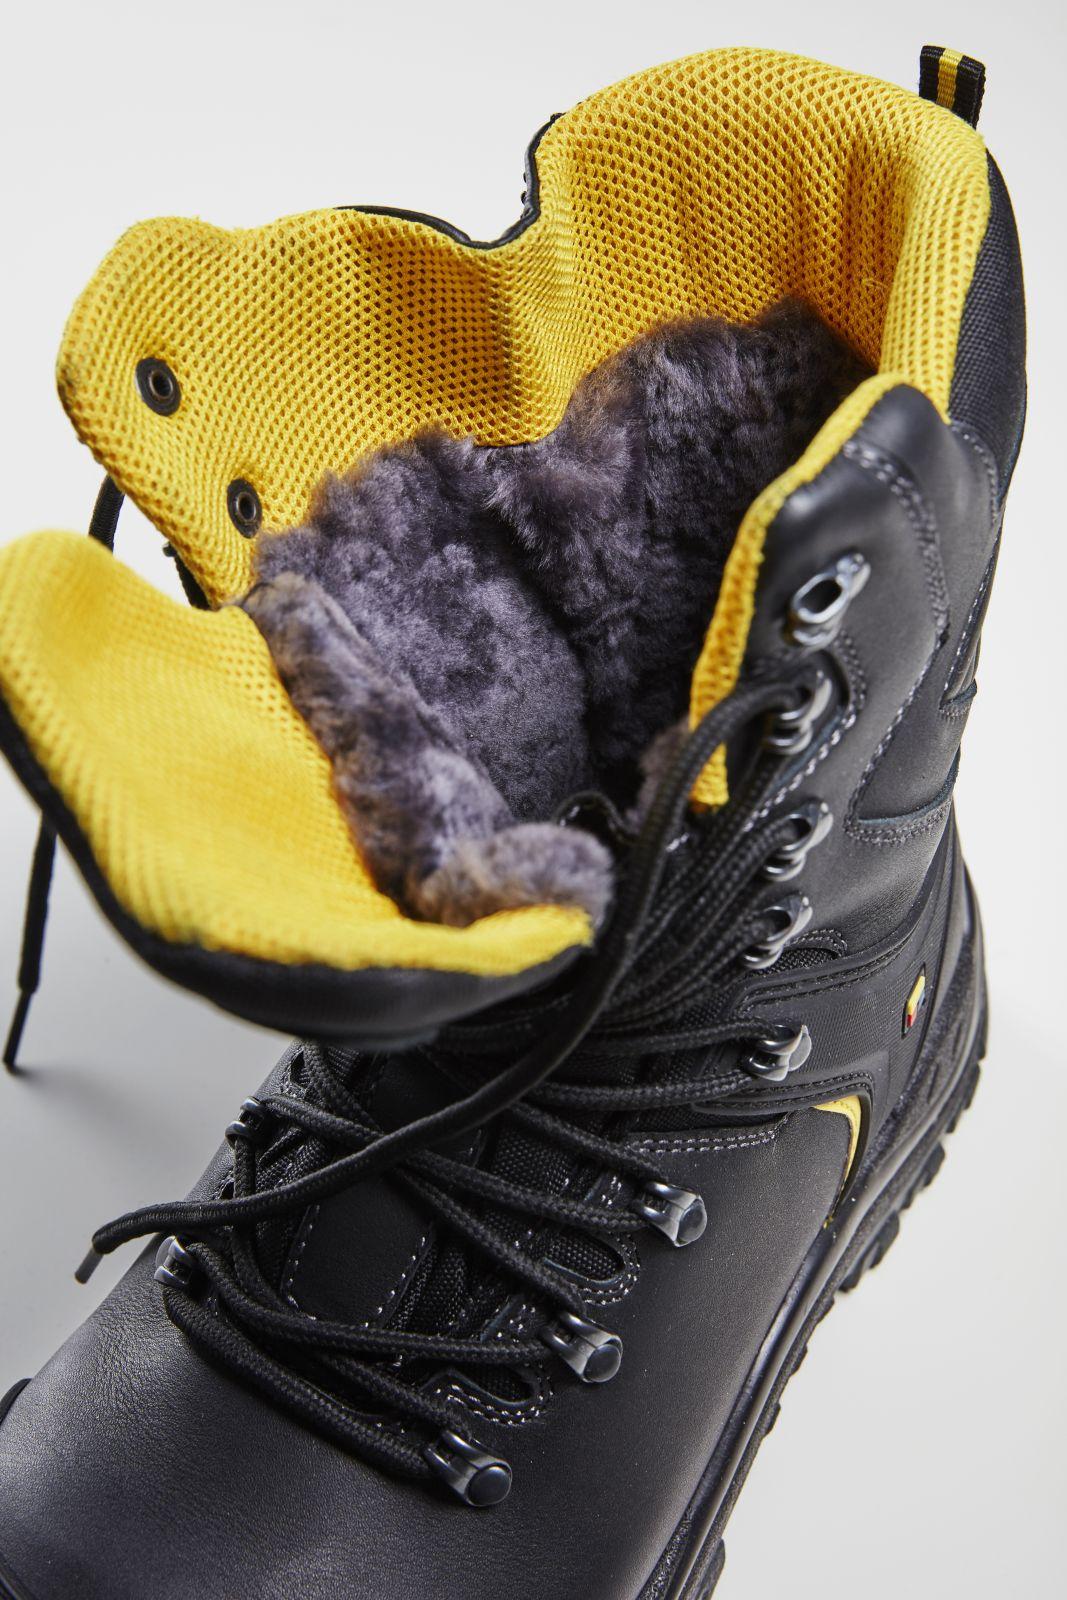 Blaklader Veiligheidsschoenen winter 23221090 Brede pasvorm zwart-grijs(9997)